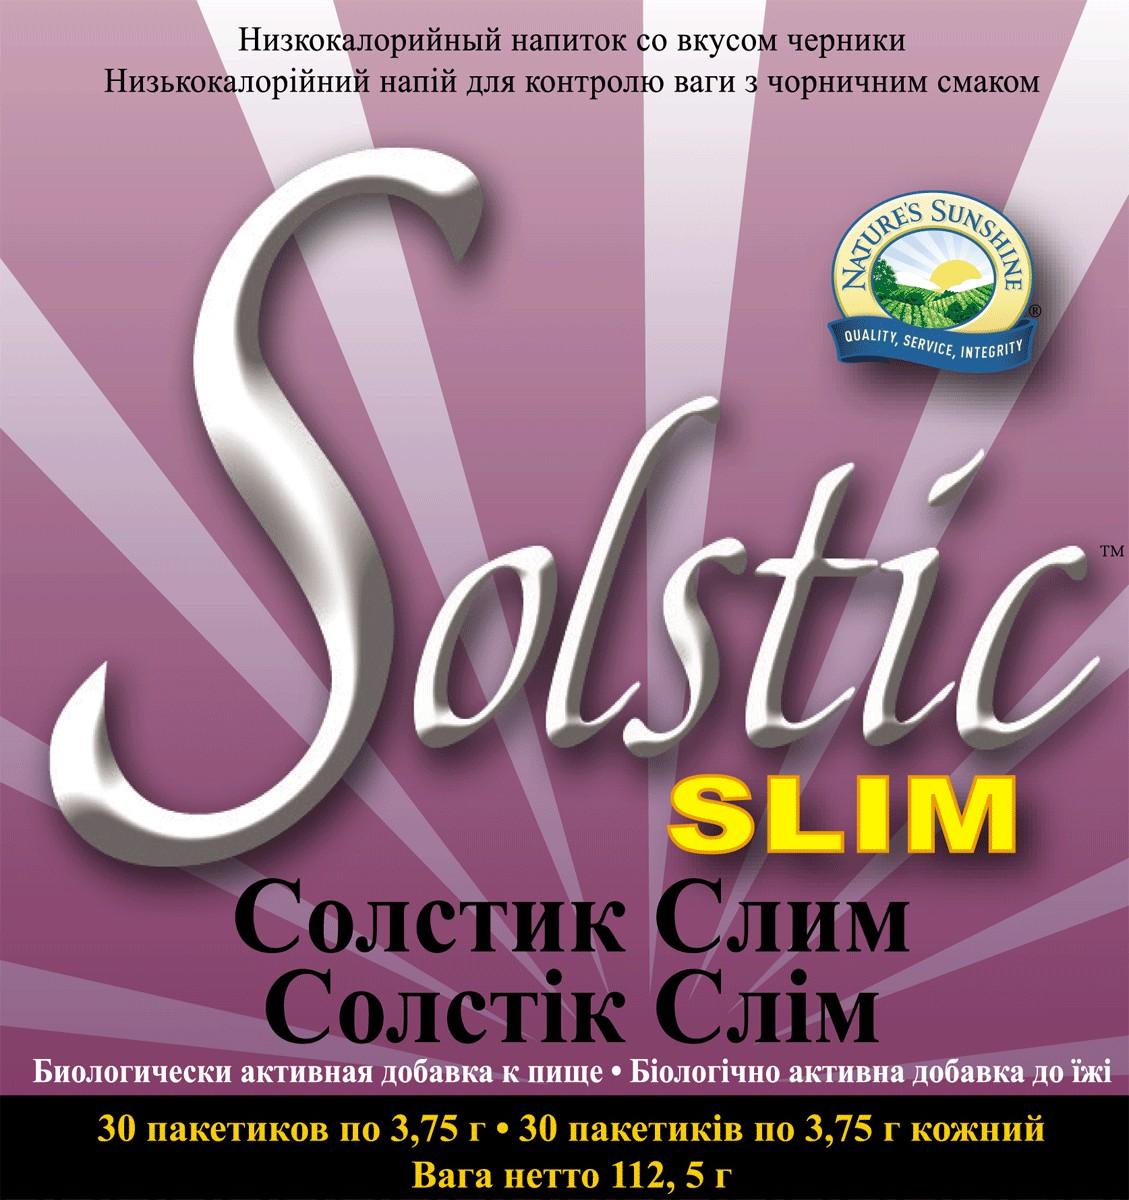 Solstic Slim